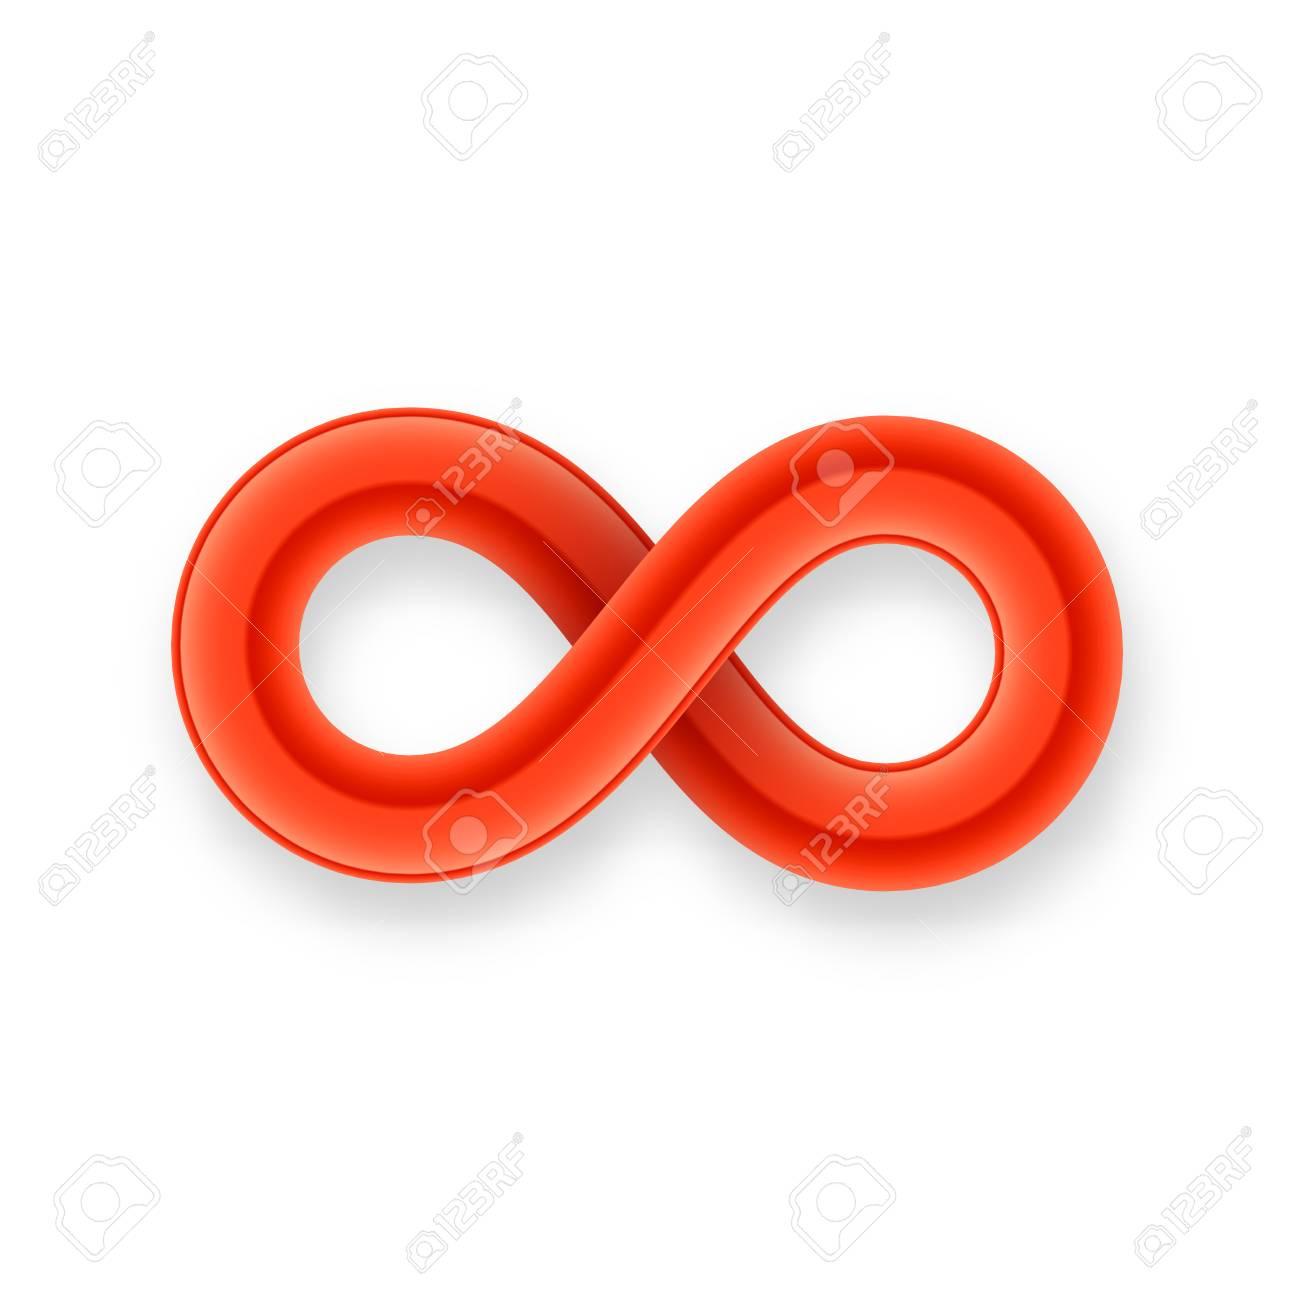 Red Unendlichkeitssymbol Symbol Aus Glänzenden Draht Mit Schatten ...